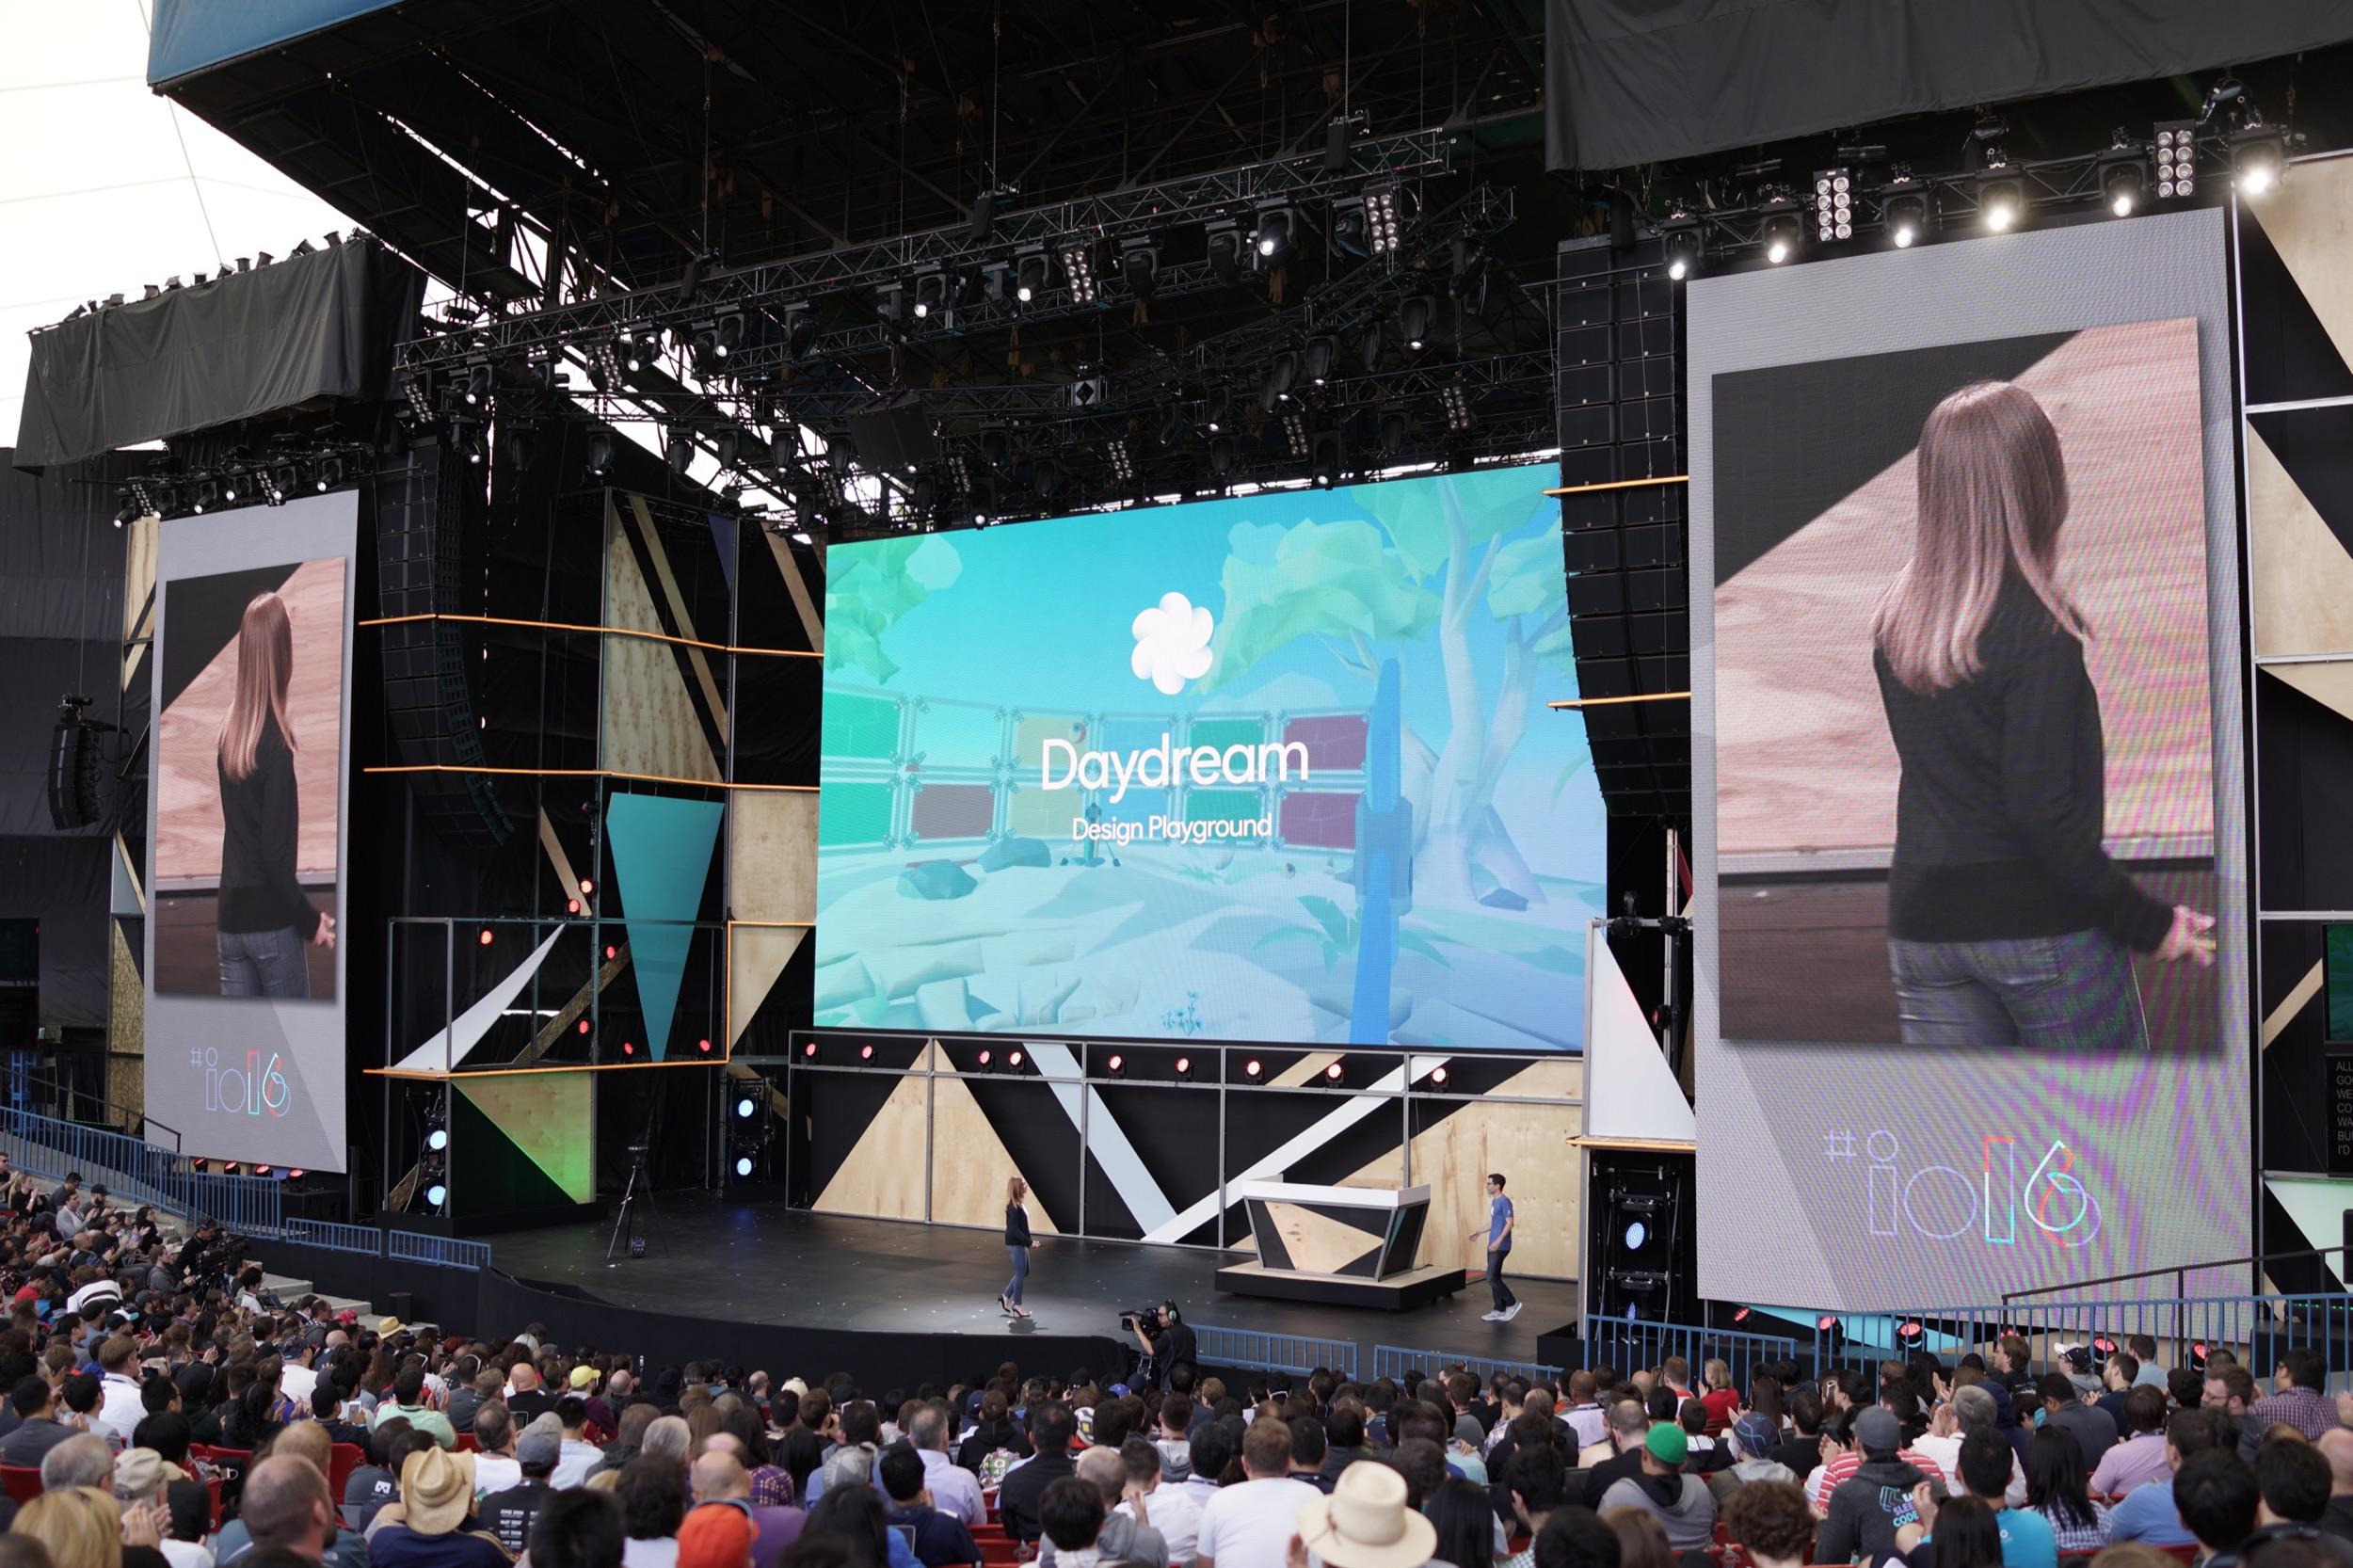 L'ambition de Google derrière Daydream, la réalité virtuelle pour tous